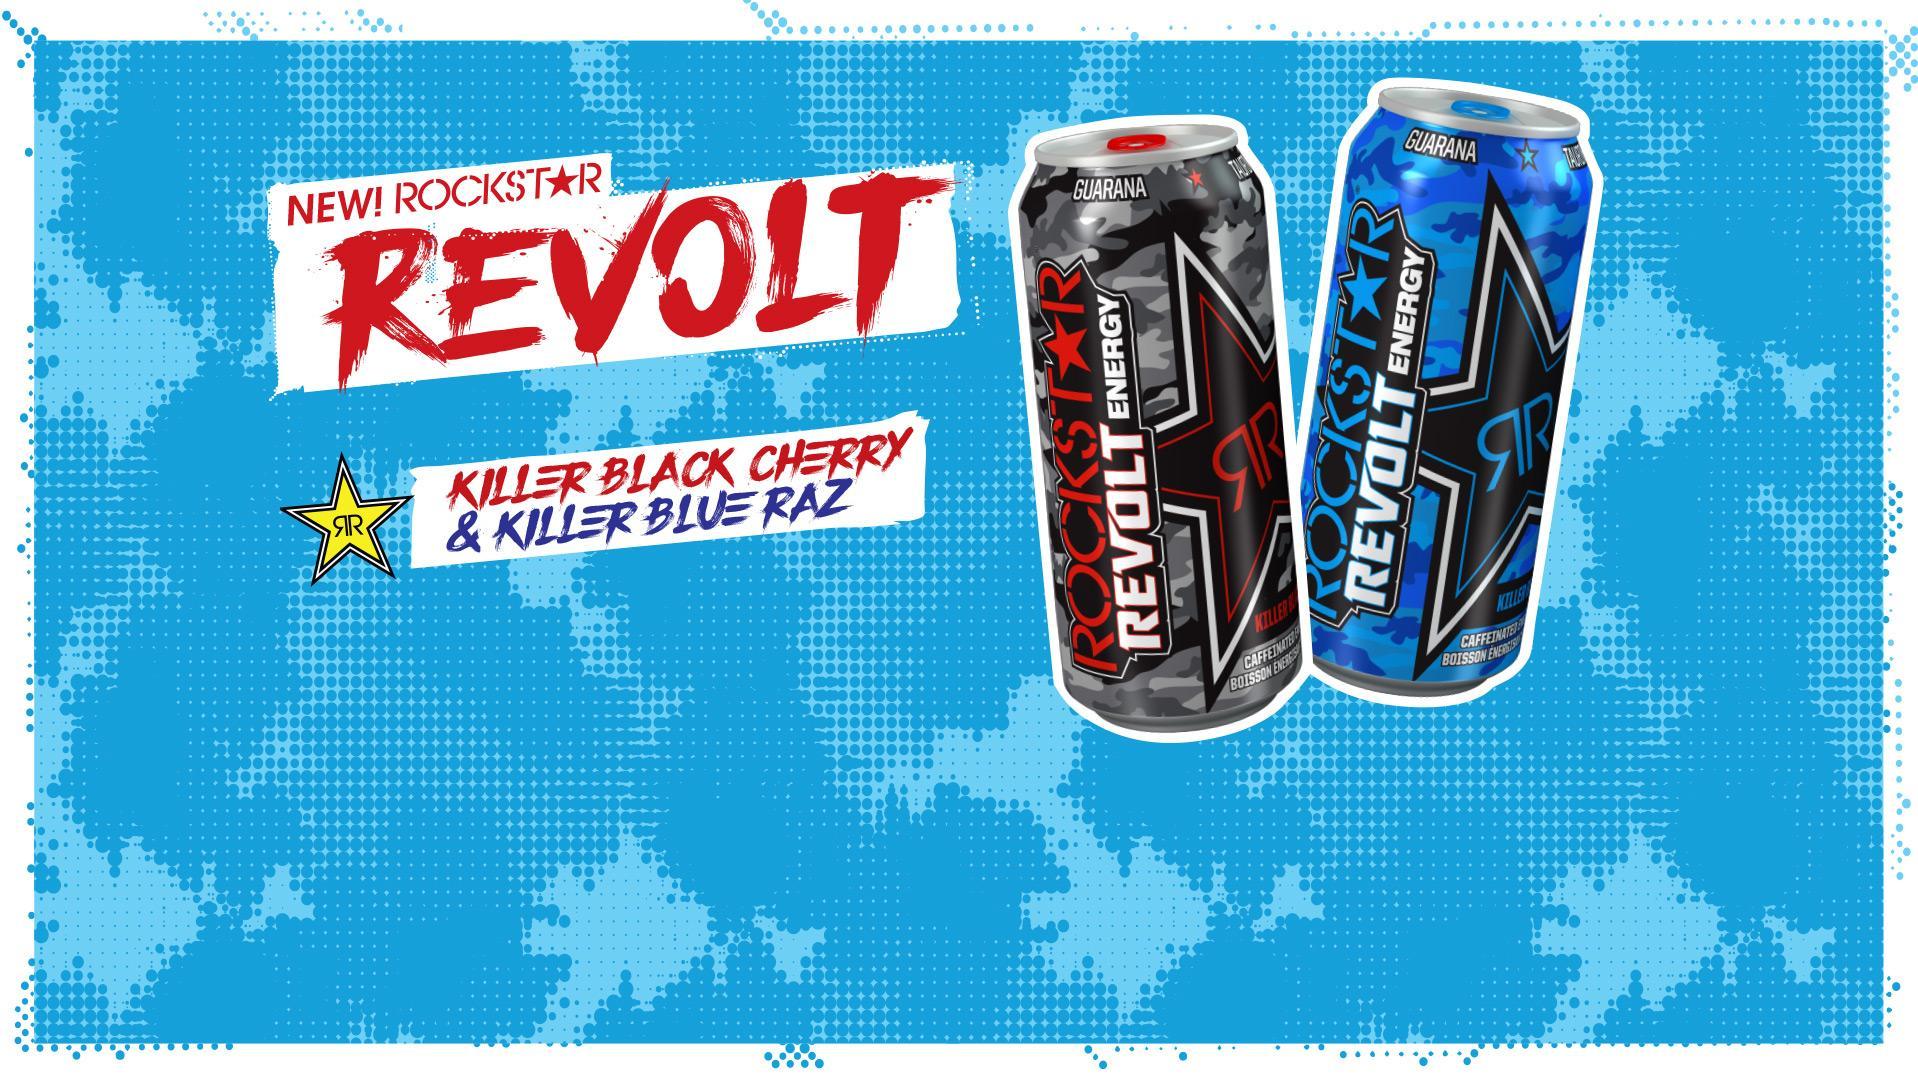 NEW Rockstar Revolt Flavors!